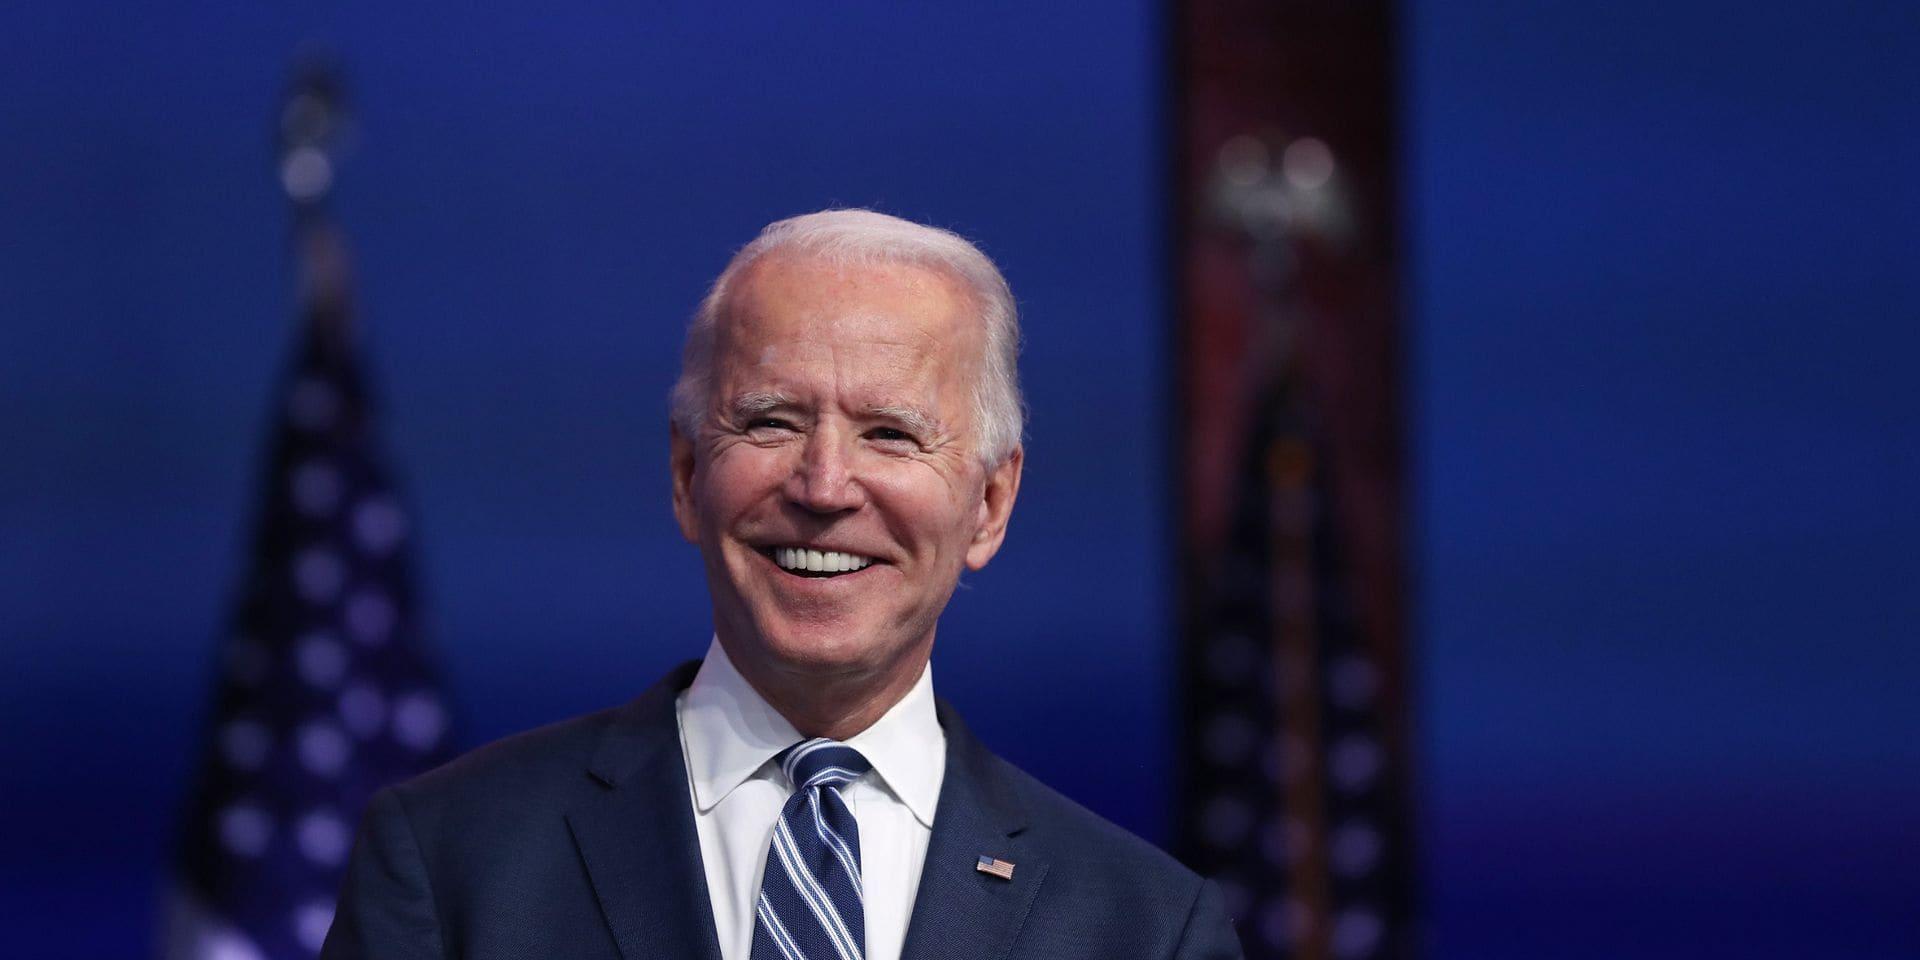 Joe Biden consolide sa victoire à la présidentielle américaine en remportant l'Arizona, une première depuis 1996